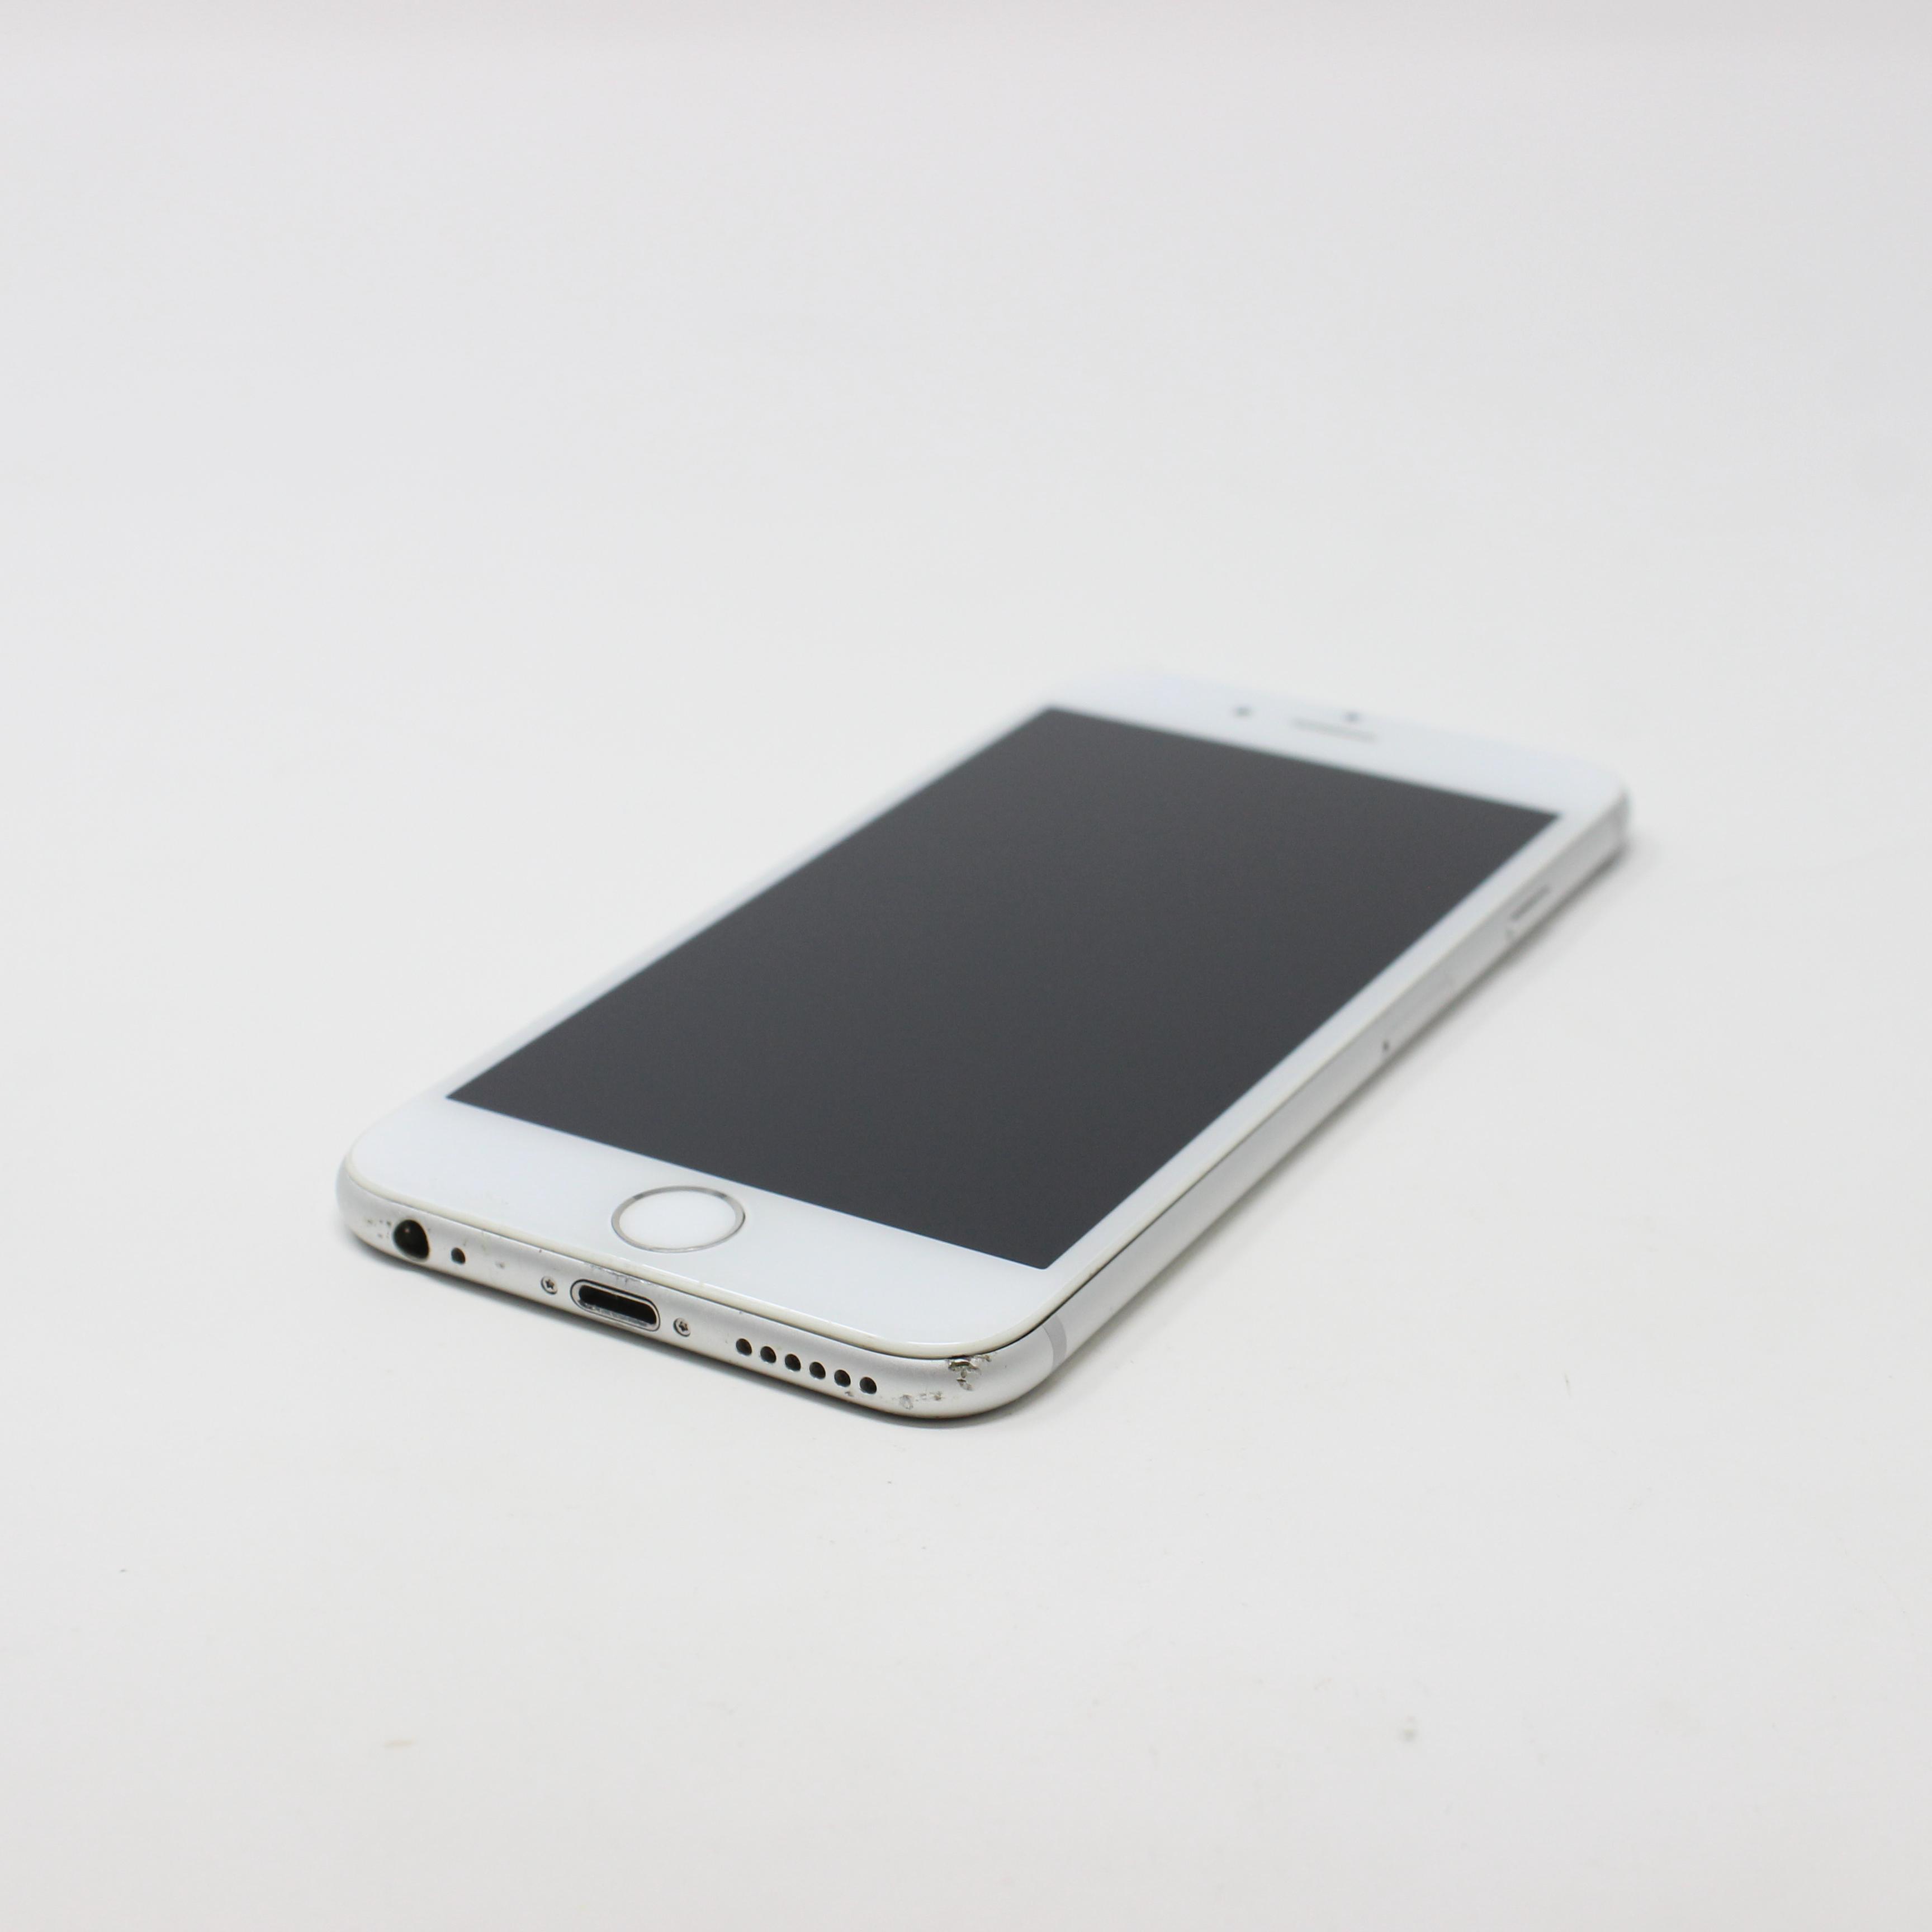 iPhone 6 64GB Silver - AT&T photo 6 | UpTradeit.com